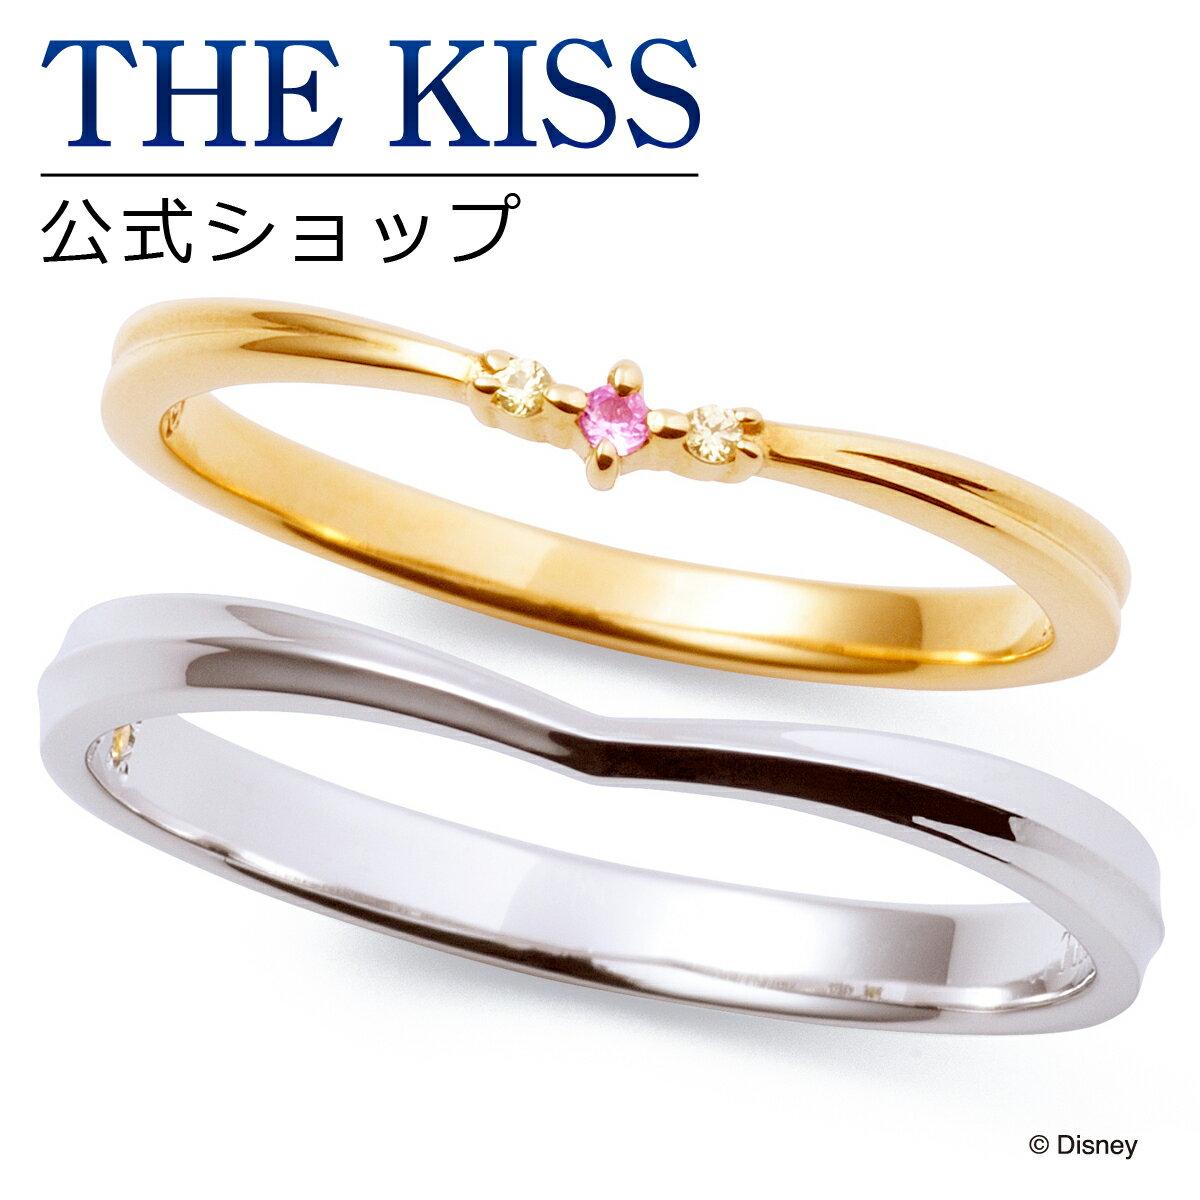 【あす楽対応】【ディズニーコレクション】 ディズニー / ペアリング / ディズニープリンセス ベル / THE KISS sweets リング・指輪 K10イエローゴールド K10ホワイトゴールド DI-YR2700PSP-2701YSP ザキス 【送料無料】【Disneyzone】